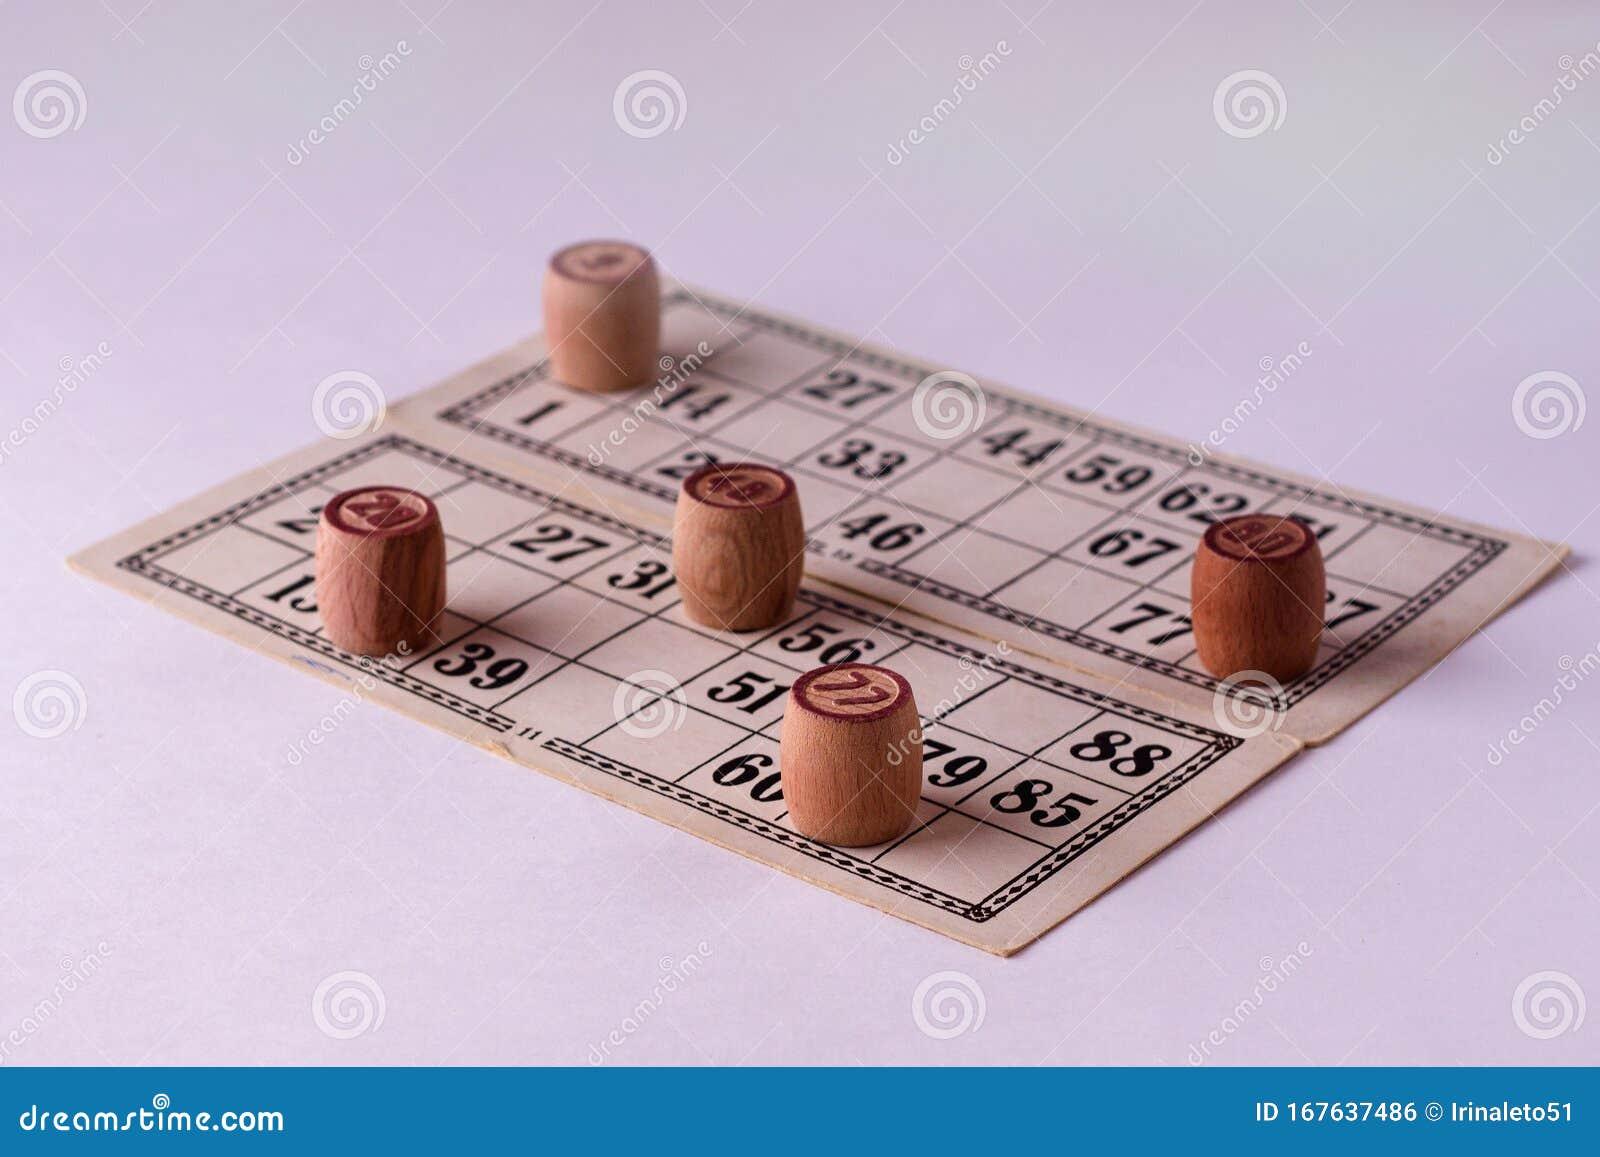 Online Bingo Spielen Mit Paypal Bei Lotto